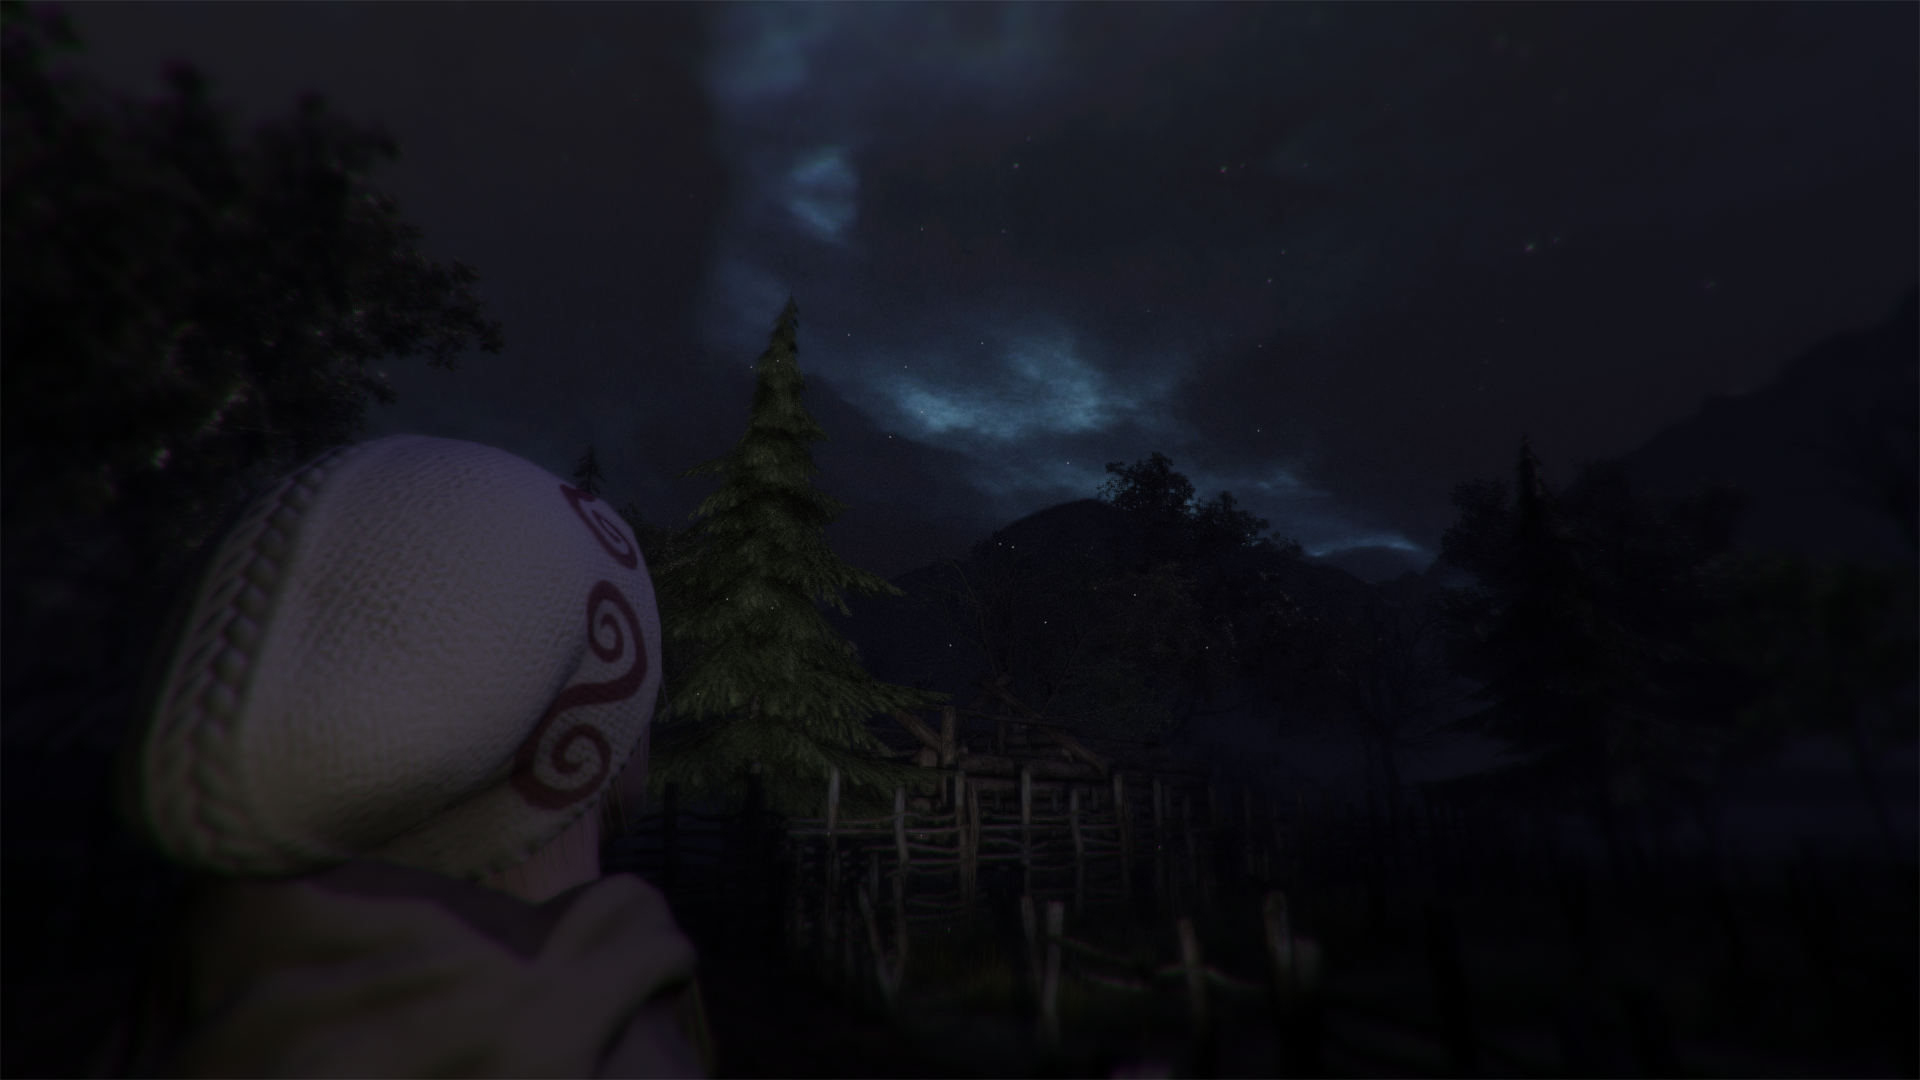 Severský psychologický horor Through the Woods nahání hrůzu 108930